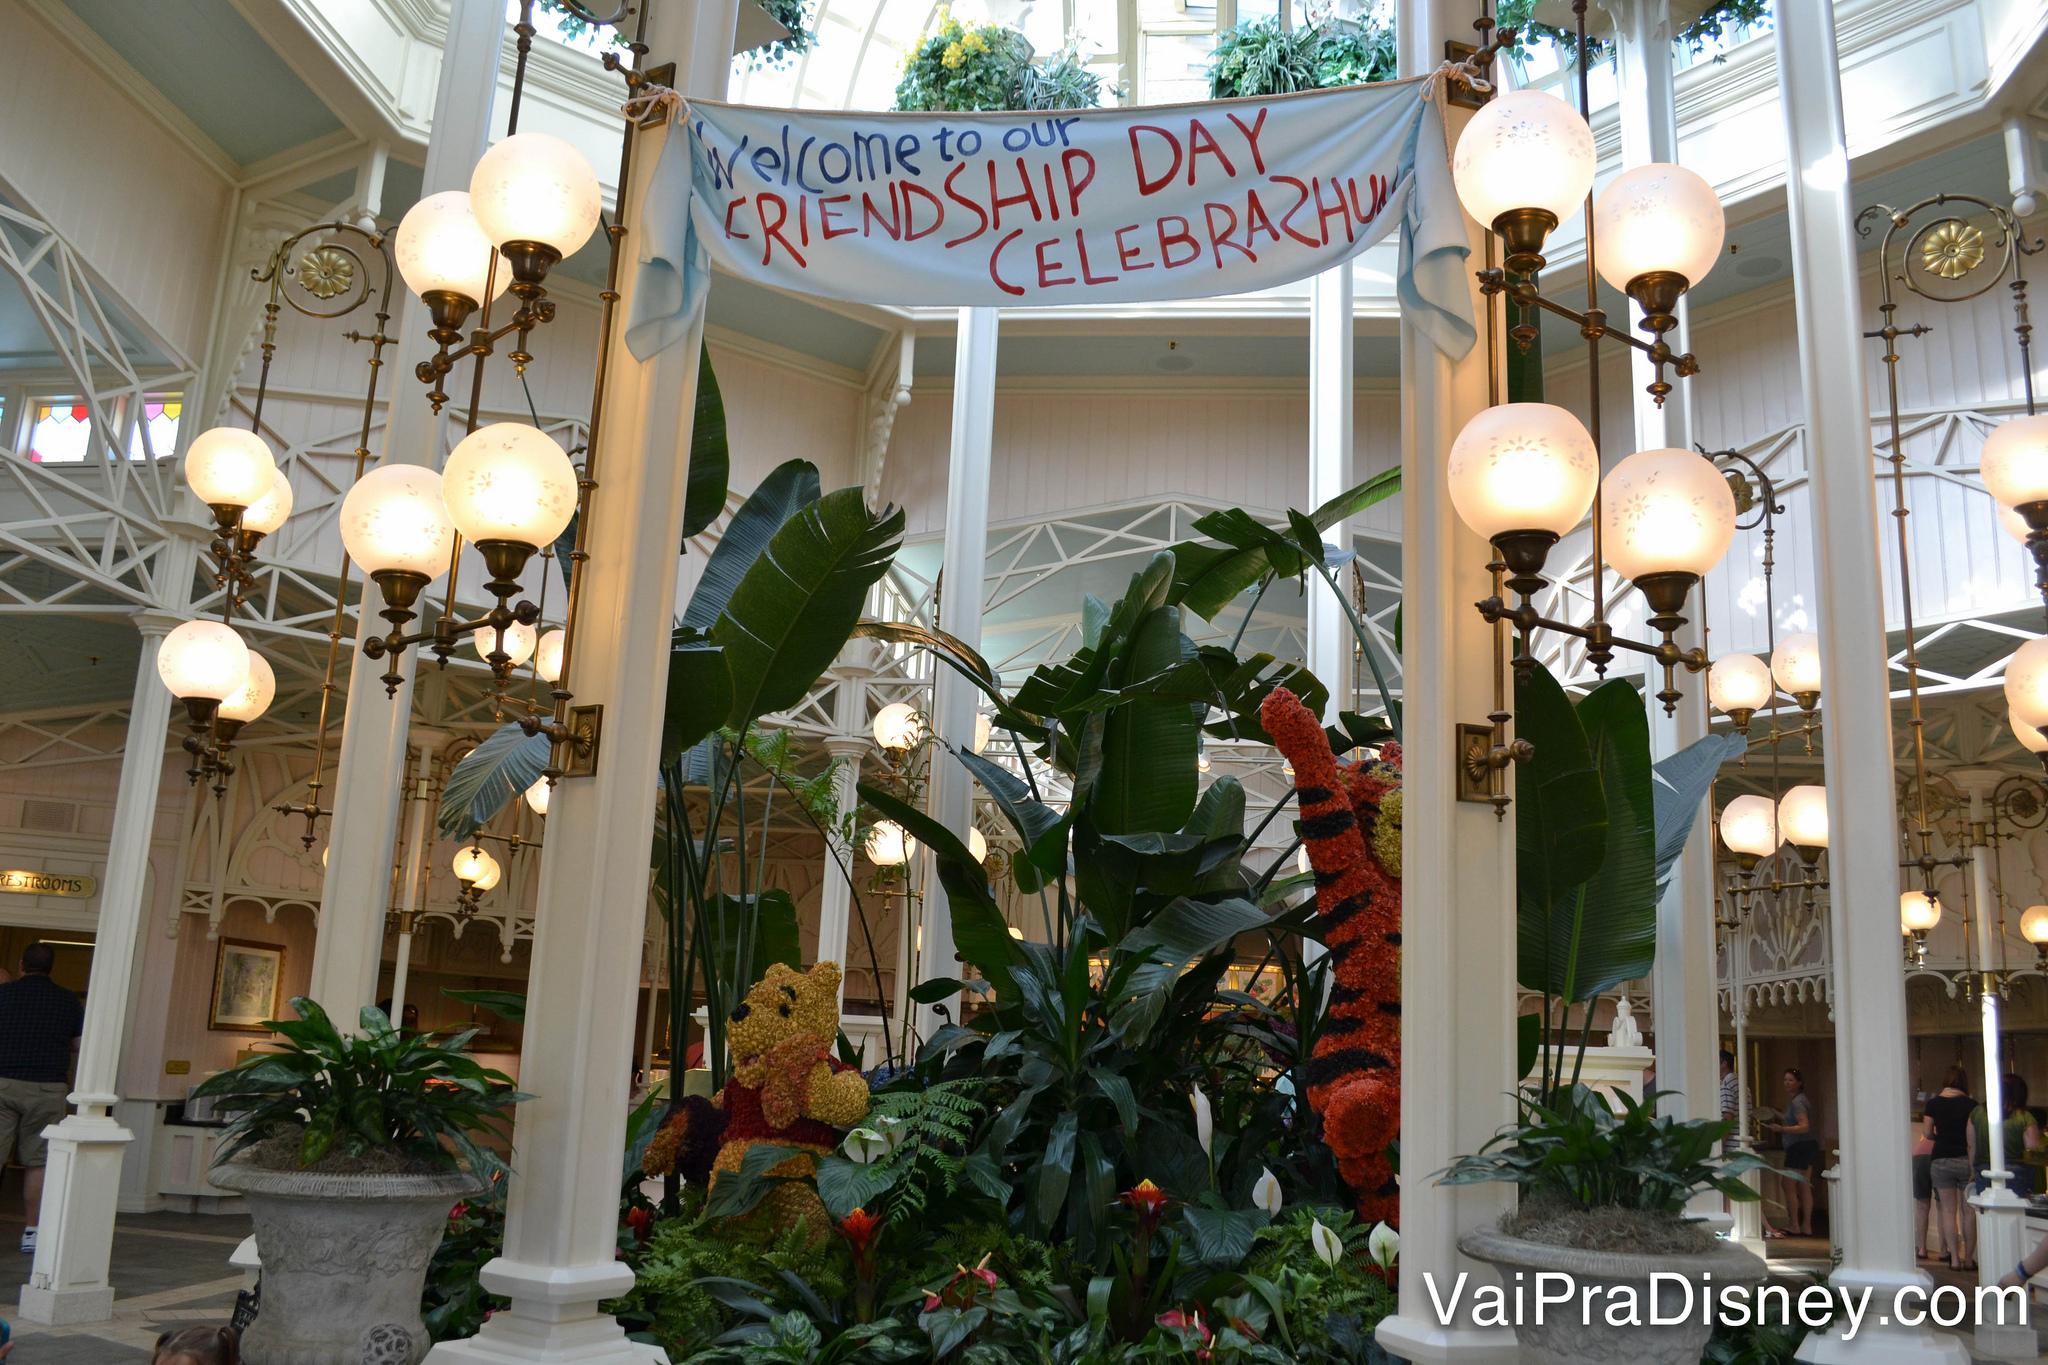 """Foto da parte das plantas do Crystal Palace, com uma faixa que diz """"Welcome to our friendship day Celebrashun"""""""